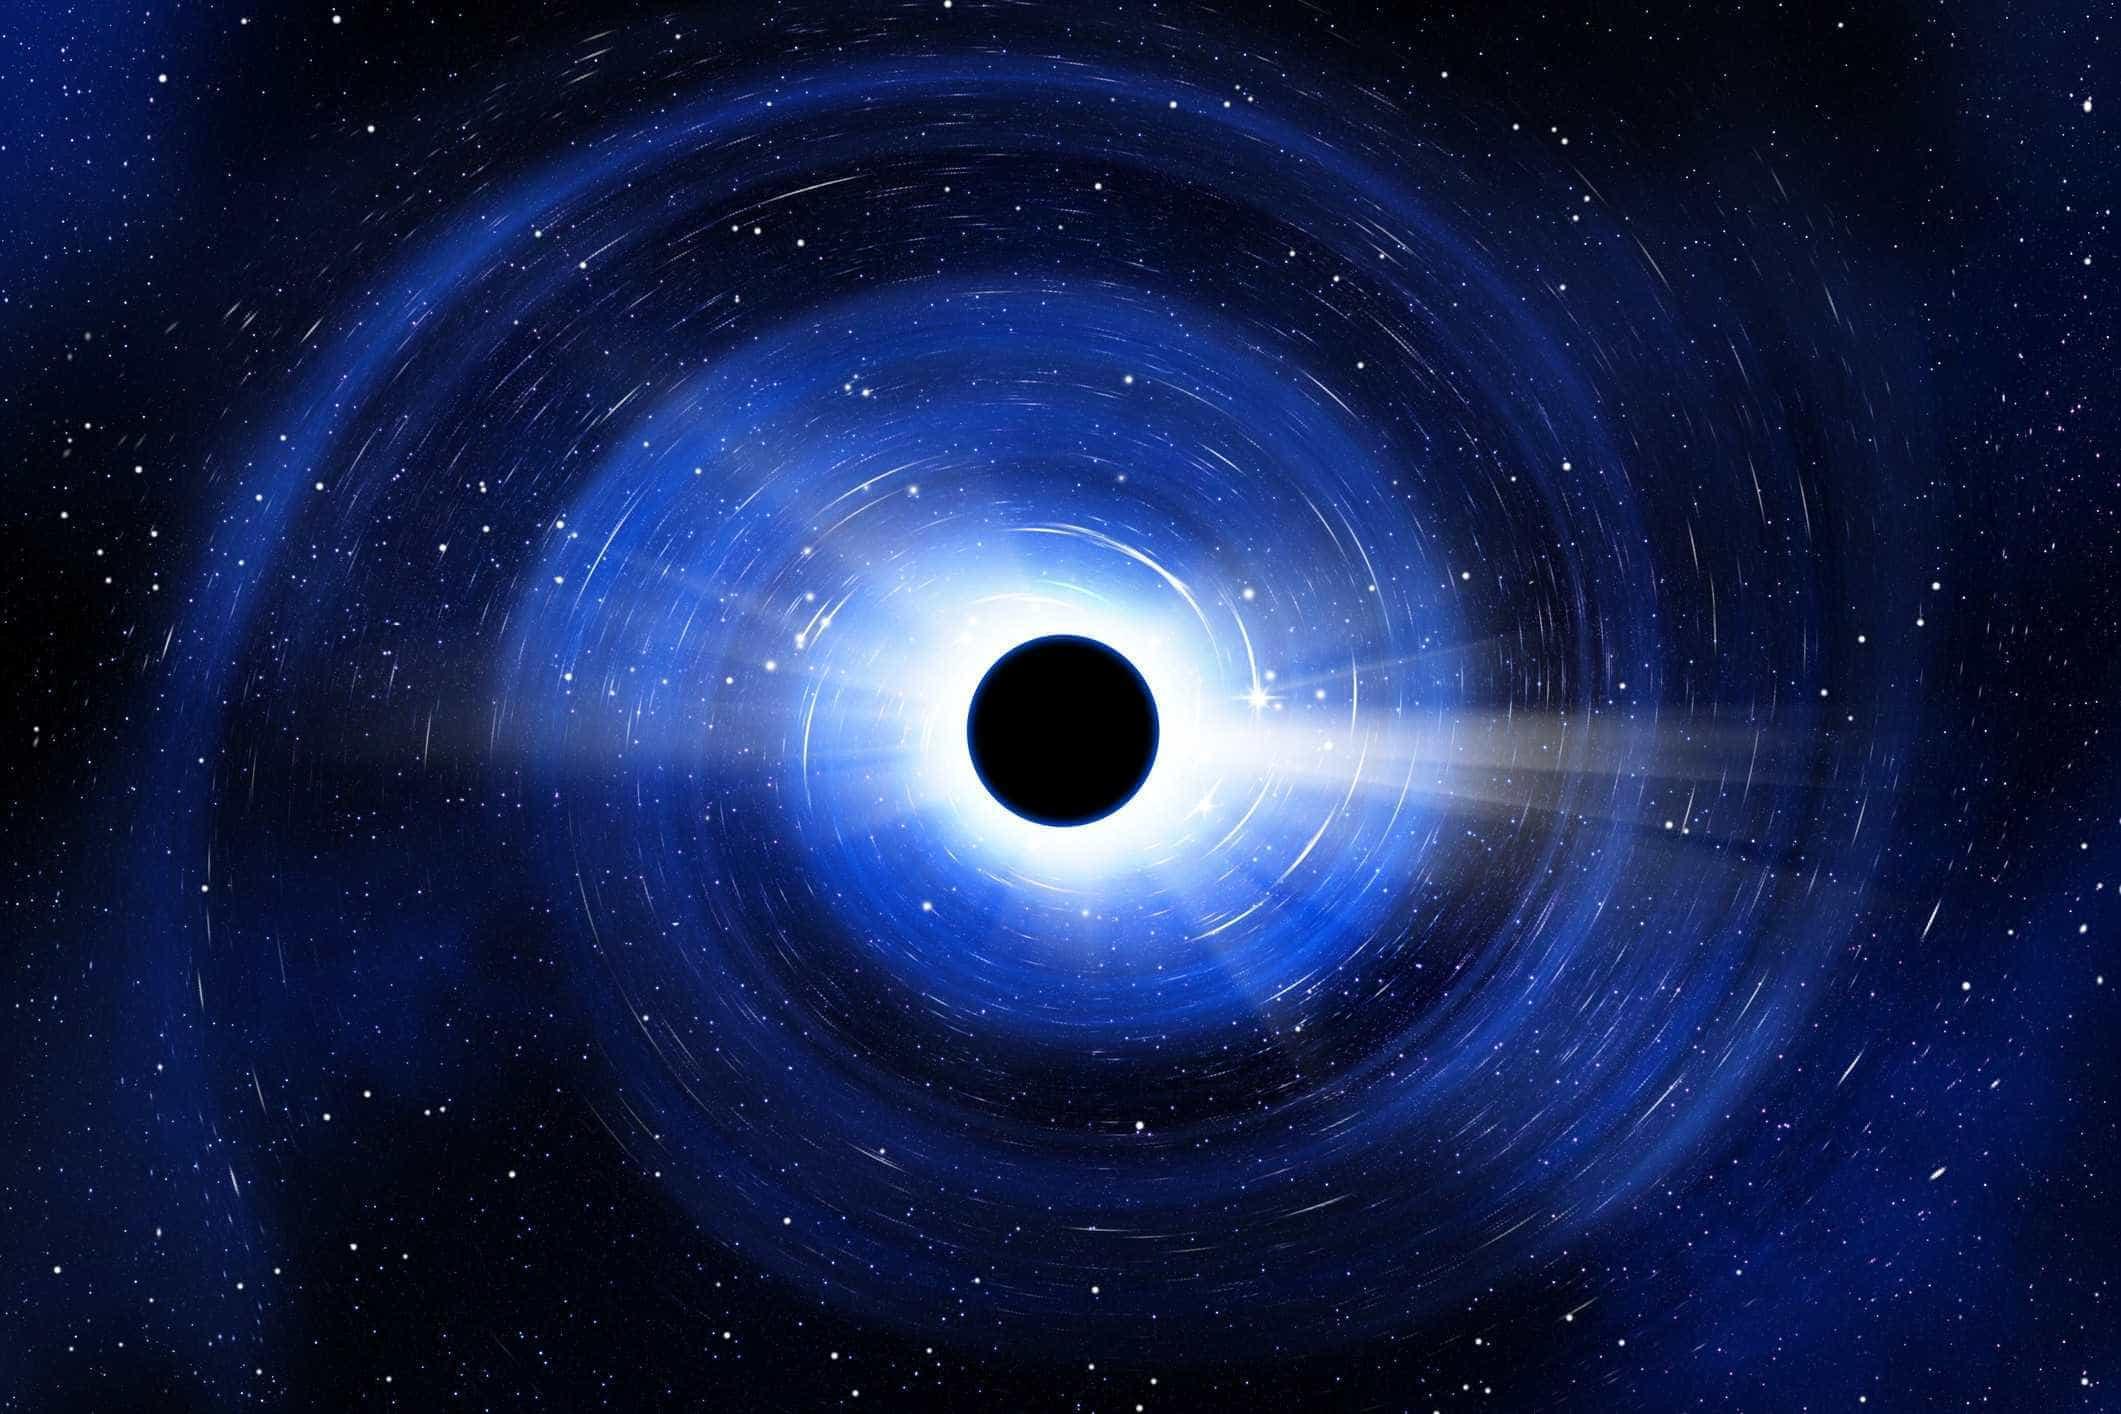 Os mistérios e segredos que escondem os buracos negros